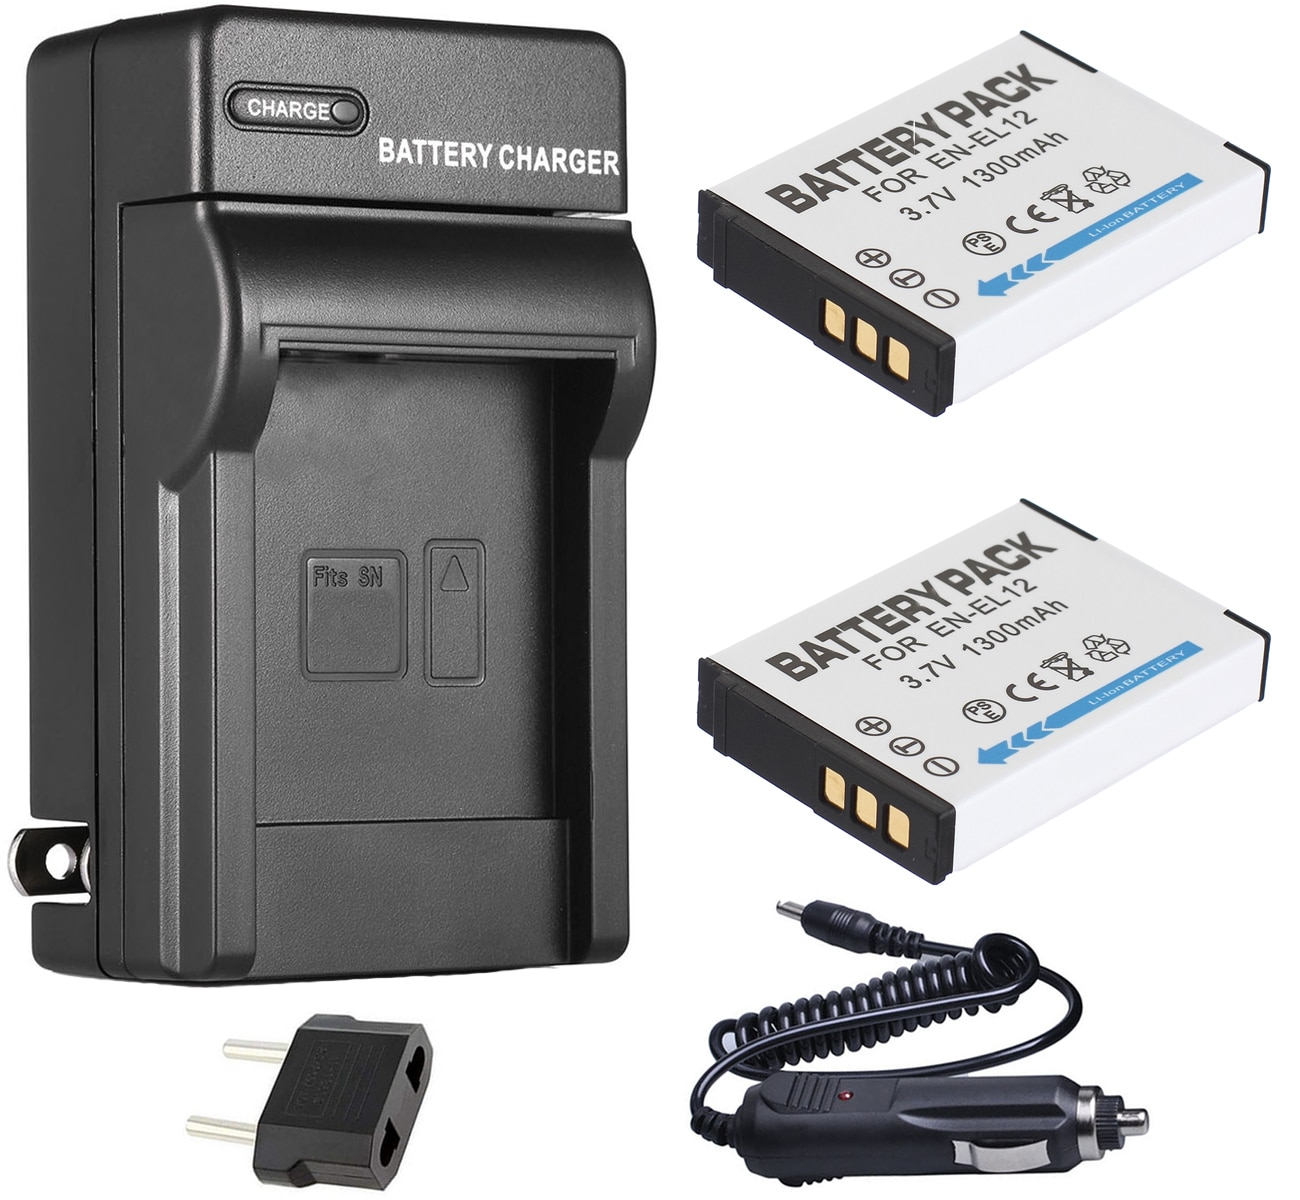 Batería (paquete de 2) + cargador para cámara Digital Nikon Coolpix B600, A900, A1000, AW100, AW110s, AW120s, AW130s